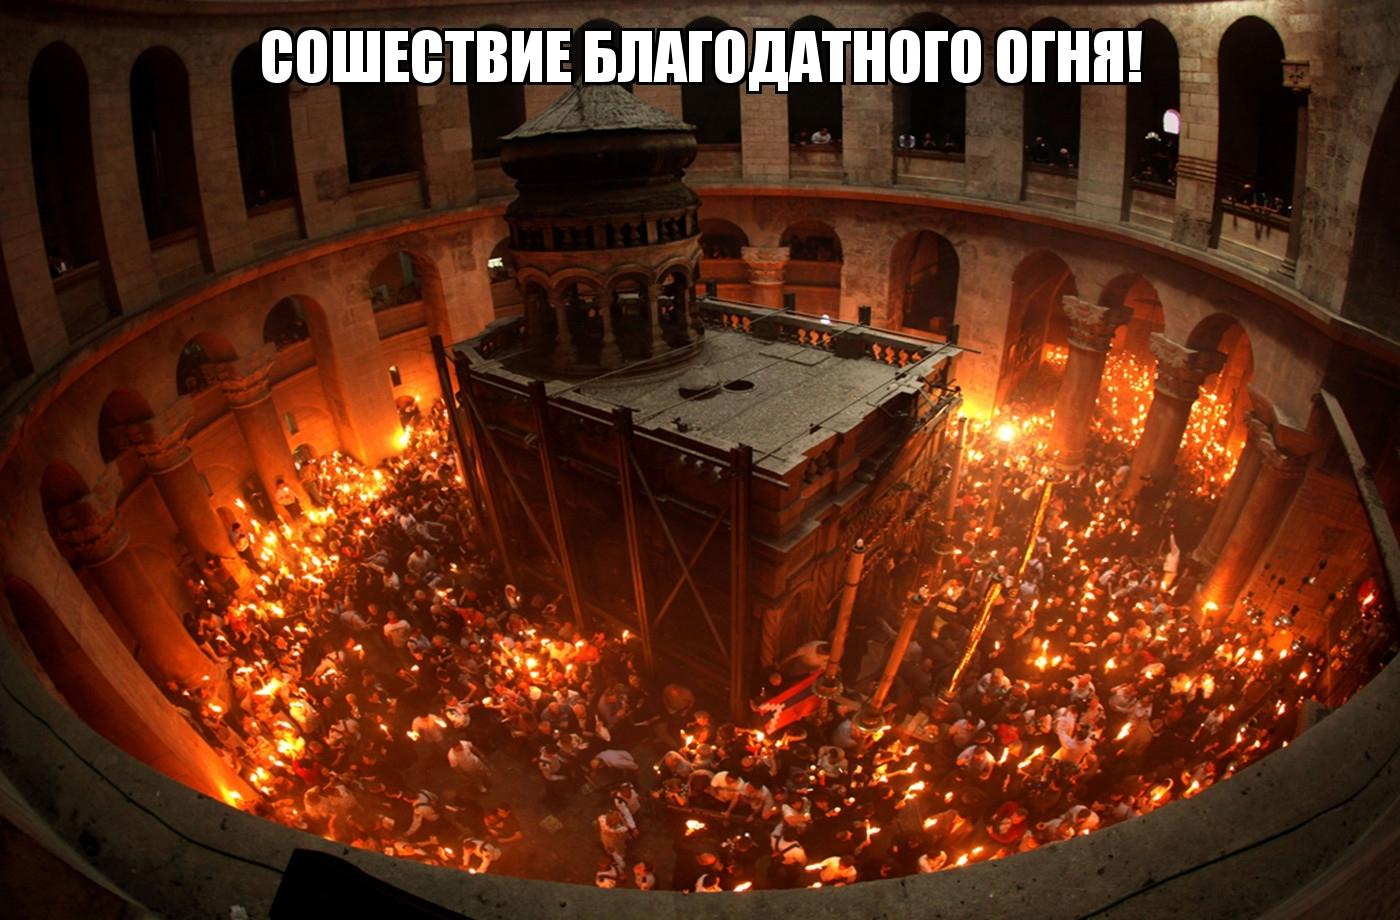 Сошествие Благодатного Огня!